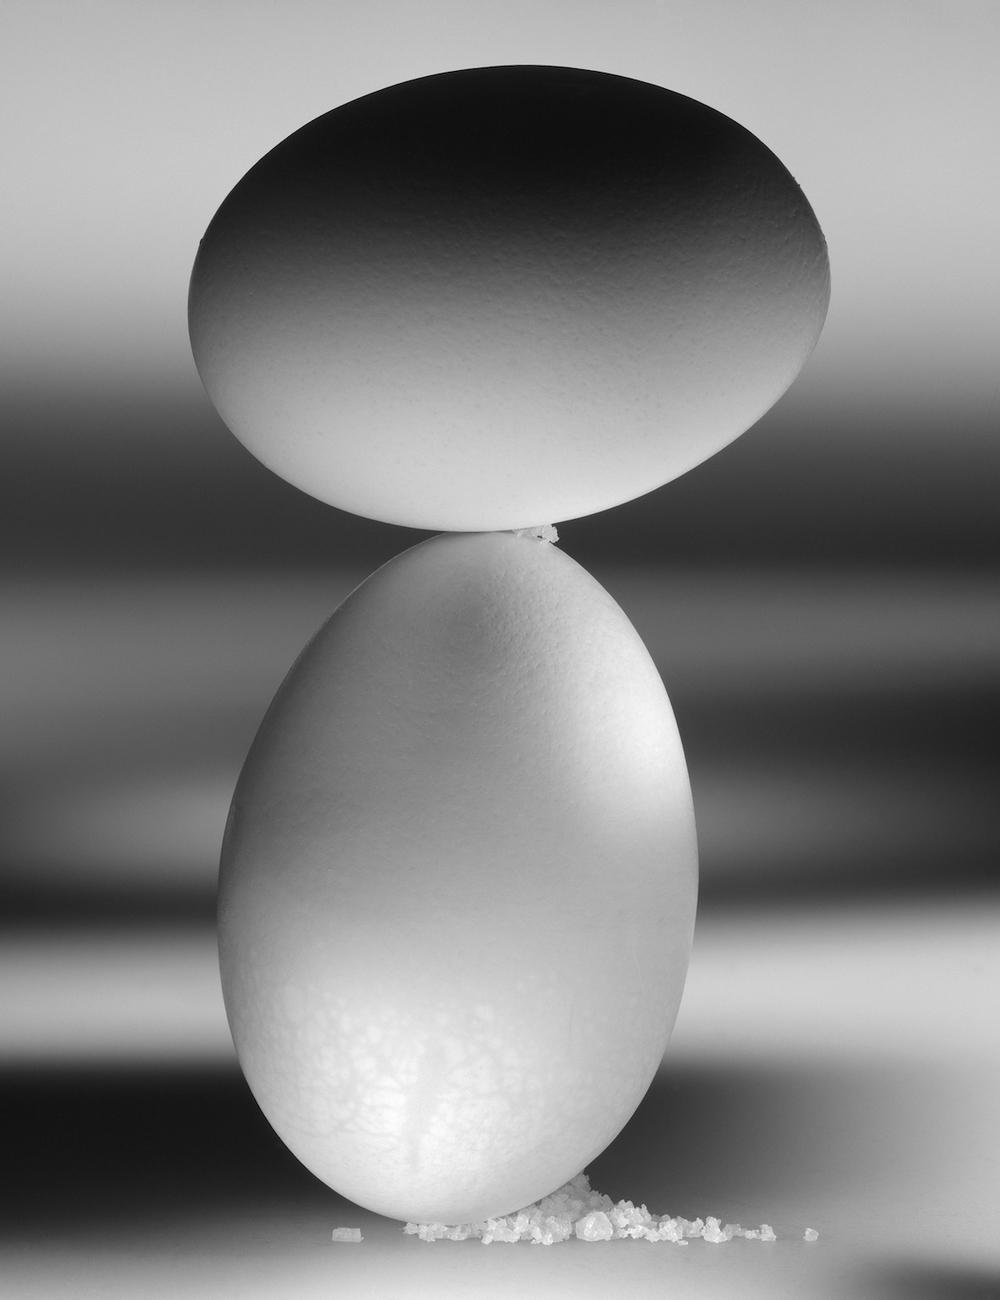 1_of_11_equilibrium.jpg